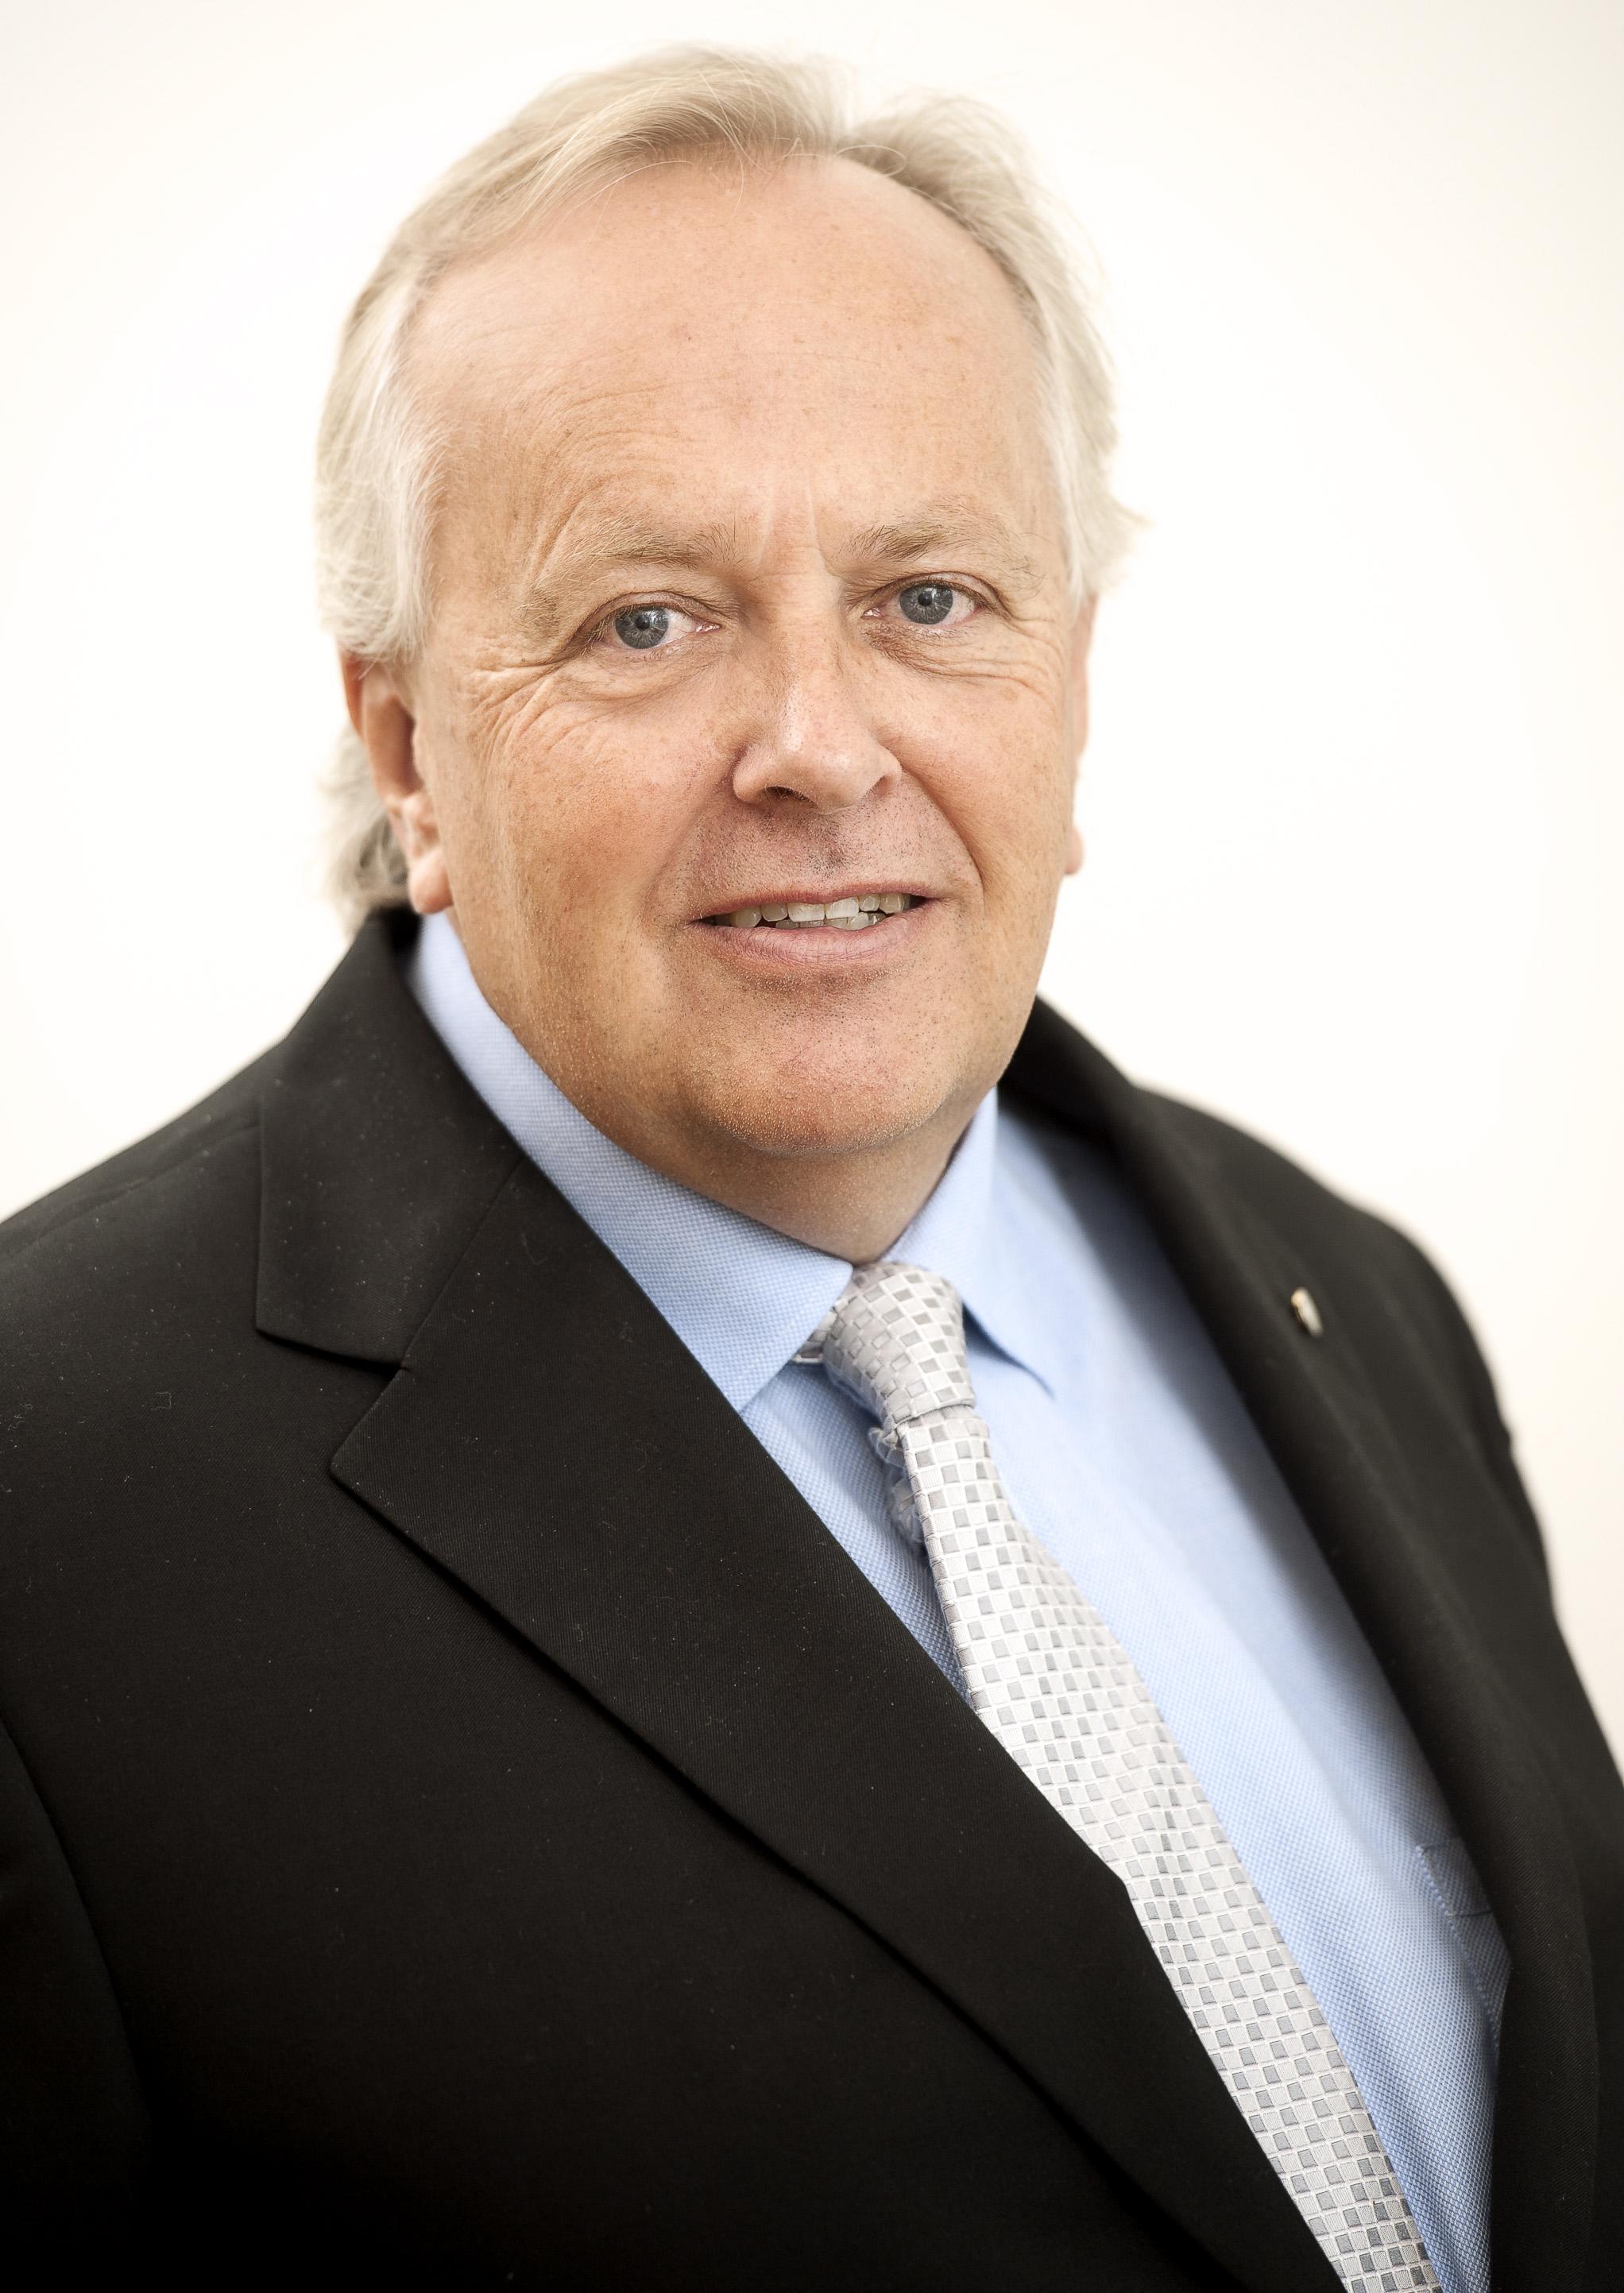 Janne Stefanson